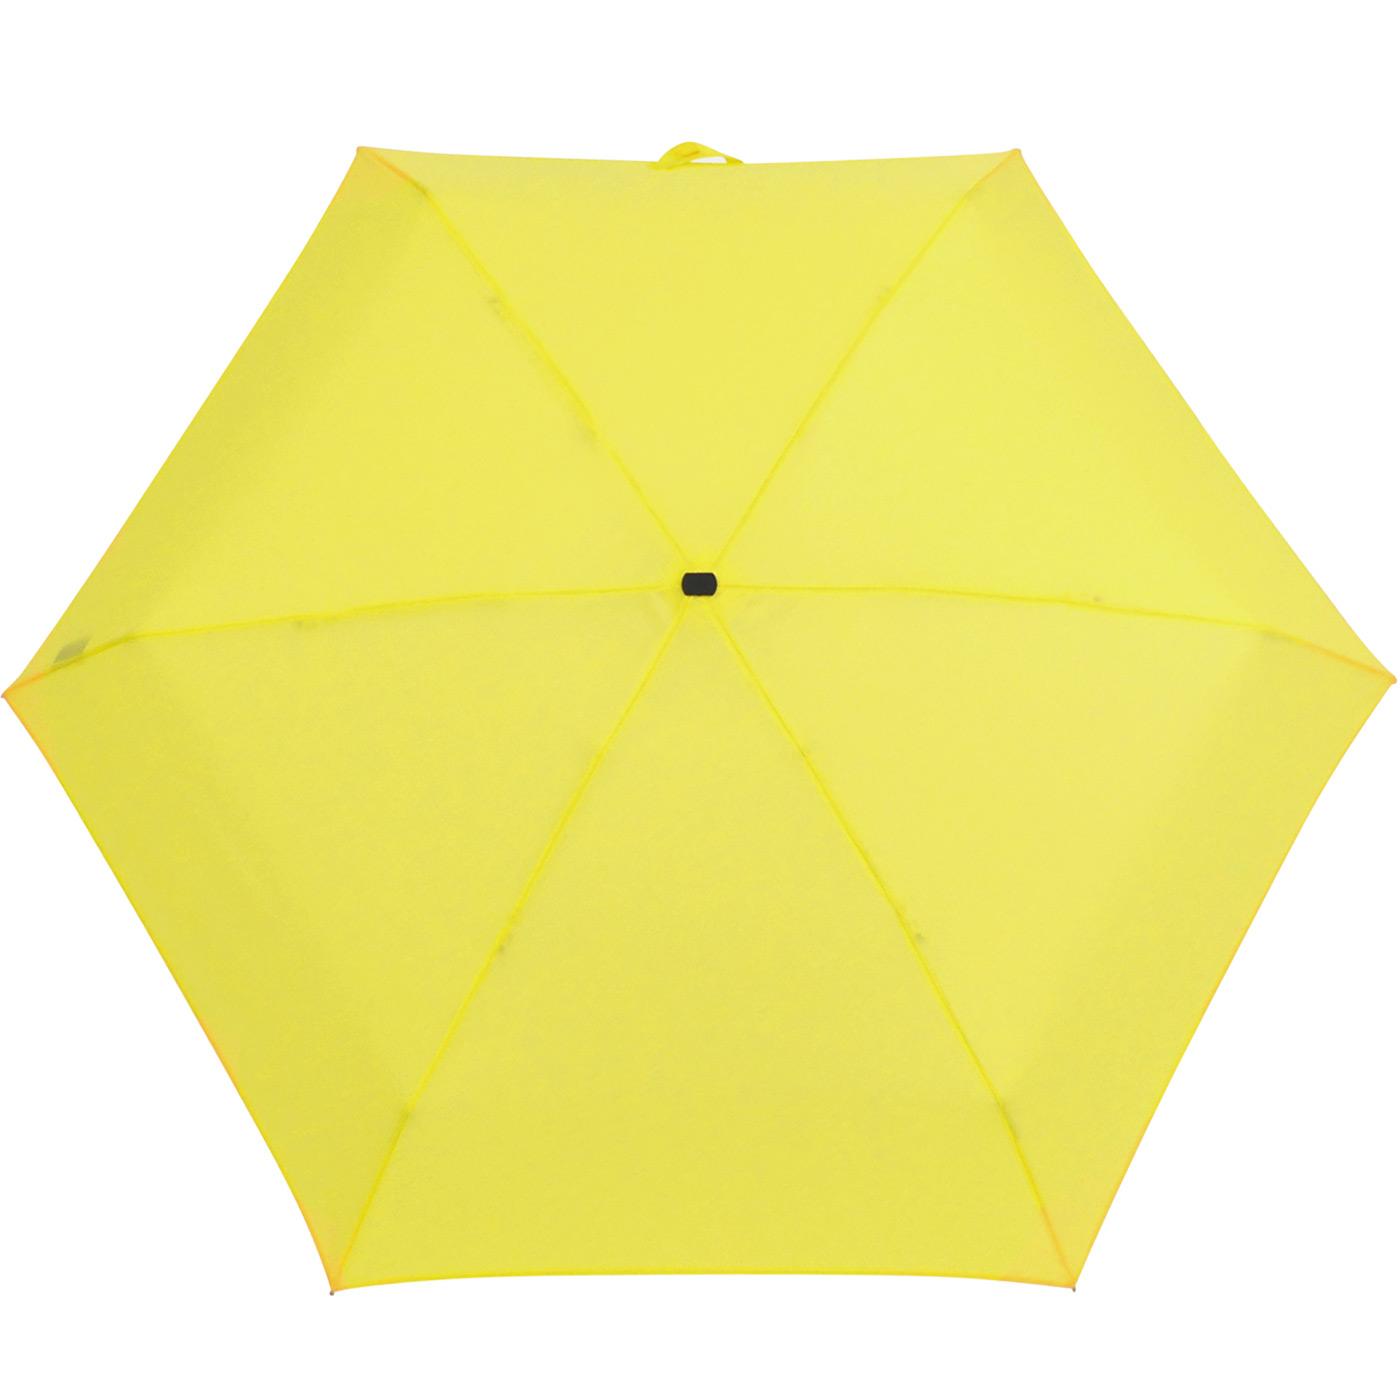 Regenschirm-Super-Mini-Taschenschirm-Damen-Herren-winzig-klein-leicht-im-Etui Indexbild 30